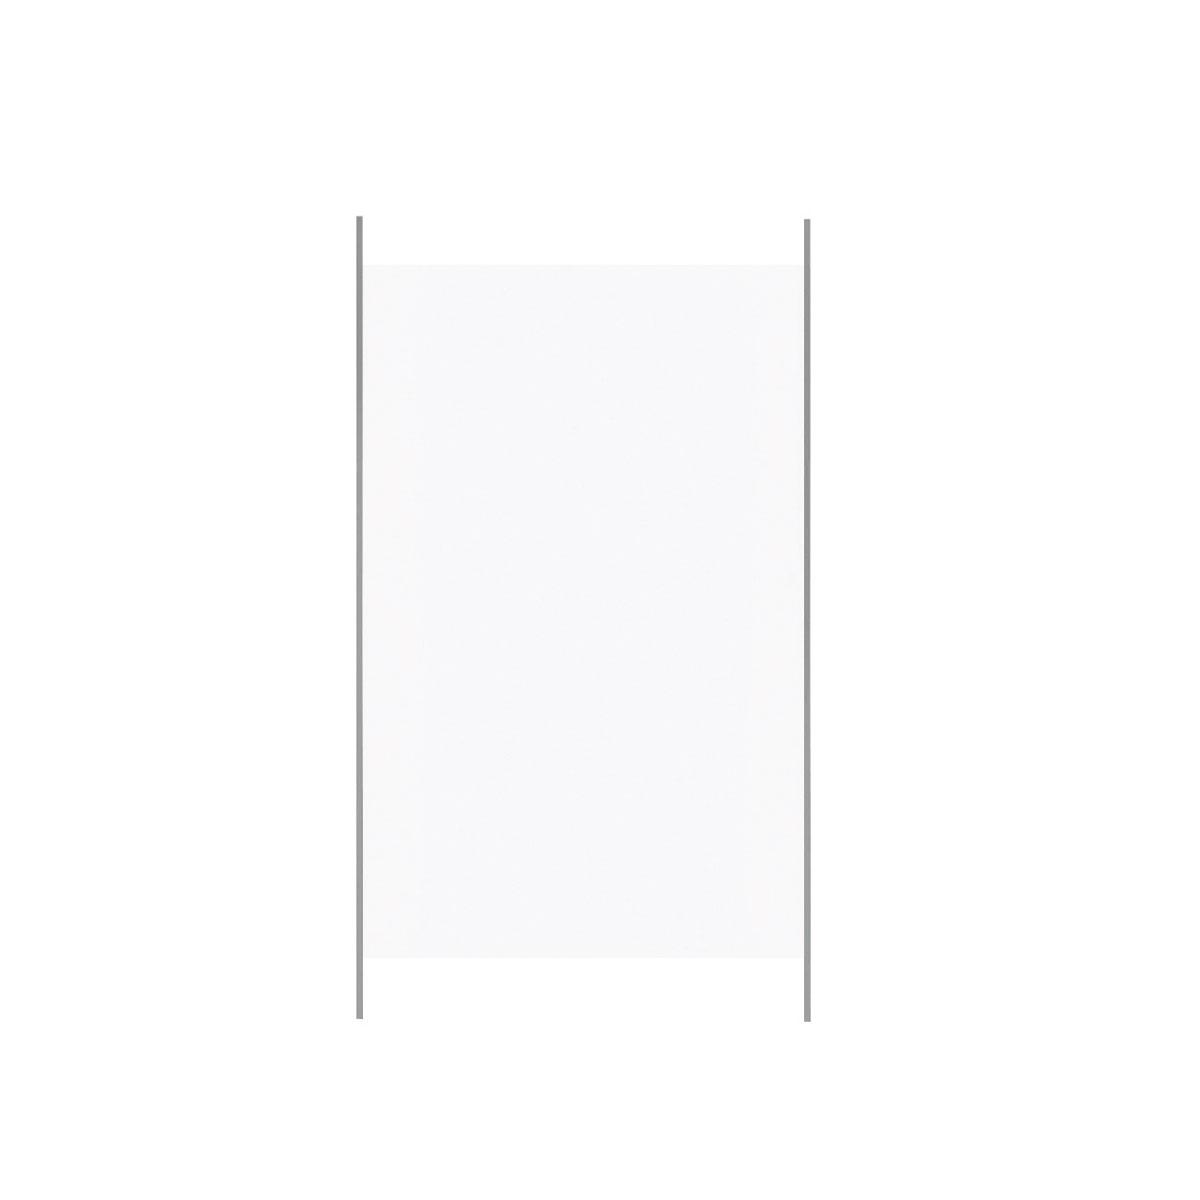 Durabil Glas-Windschutz 6 mm 976x1600mm Alu, Einscheibensicherheitsglas klar